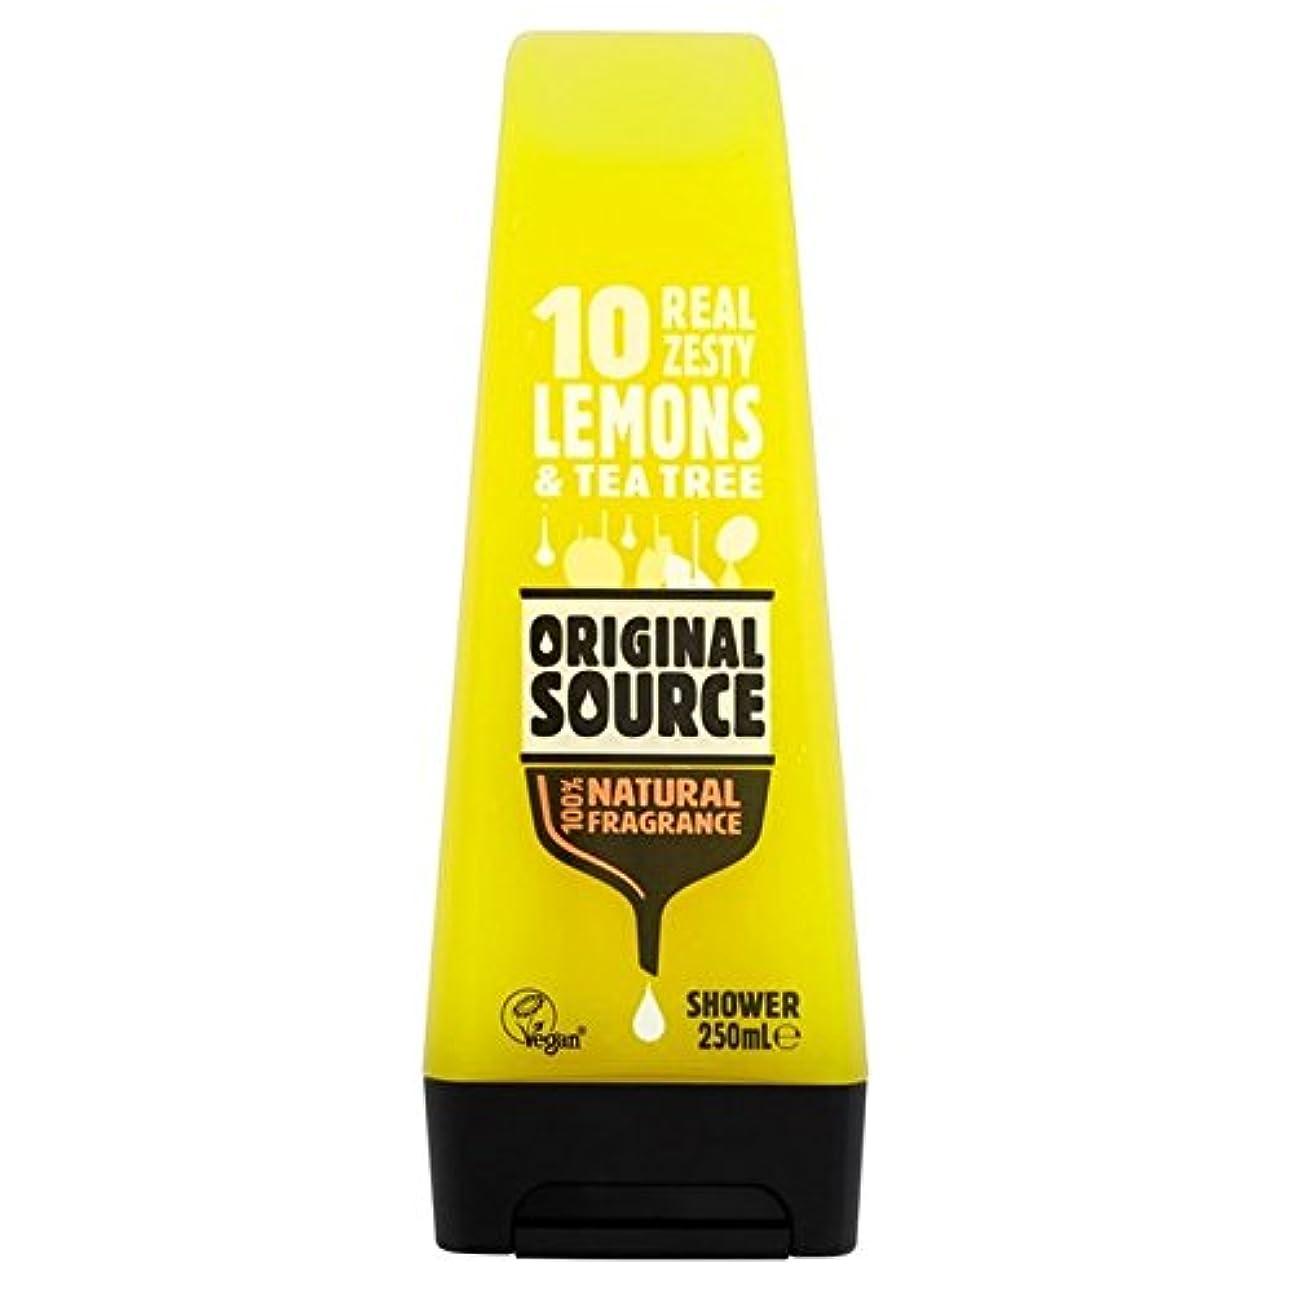 有効化大胆ユニークな元のソースのレモンシャワージェル250ミリリットル x4 - Original Source Lemon Shower Gel 250ml (Pack of 4) [並行輸入品]